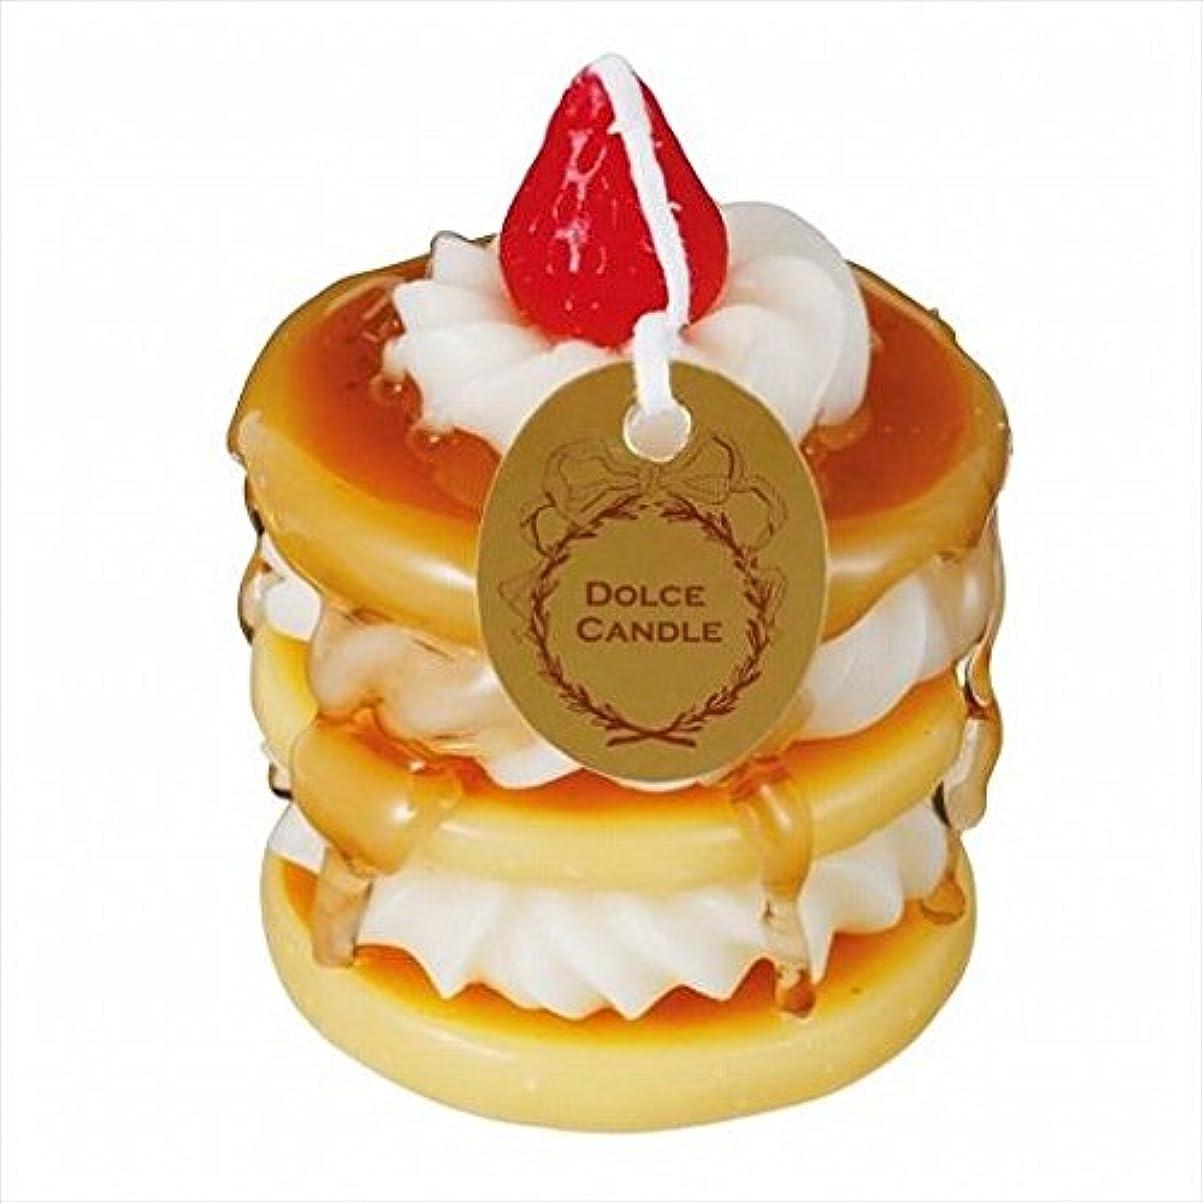 友情作動する放棄するsweets candle(スイーツキャンドル) ドルチェキャンドル 「 パンケーキ 」 キャンドル 56x56x80mm (A4340550)